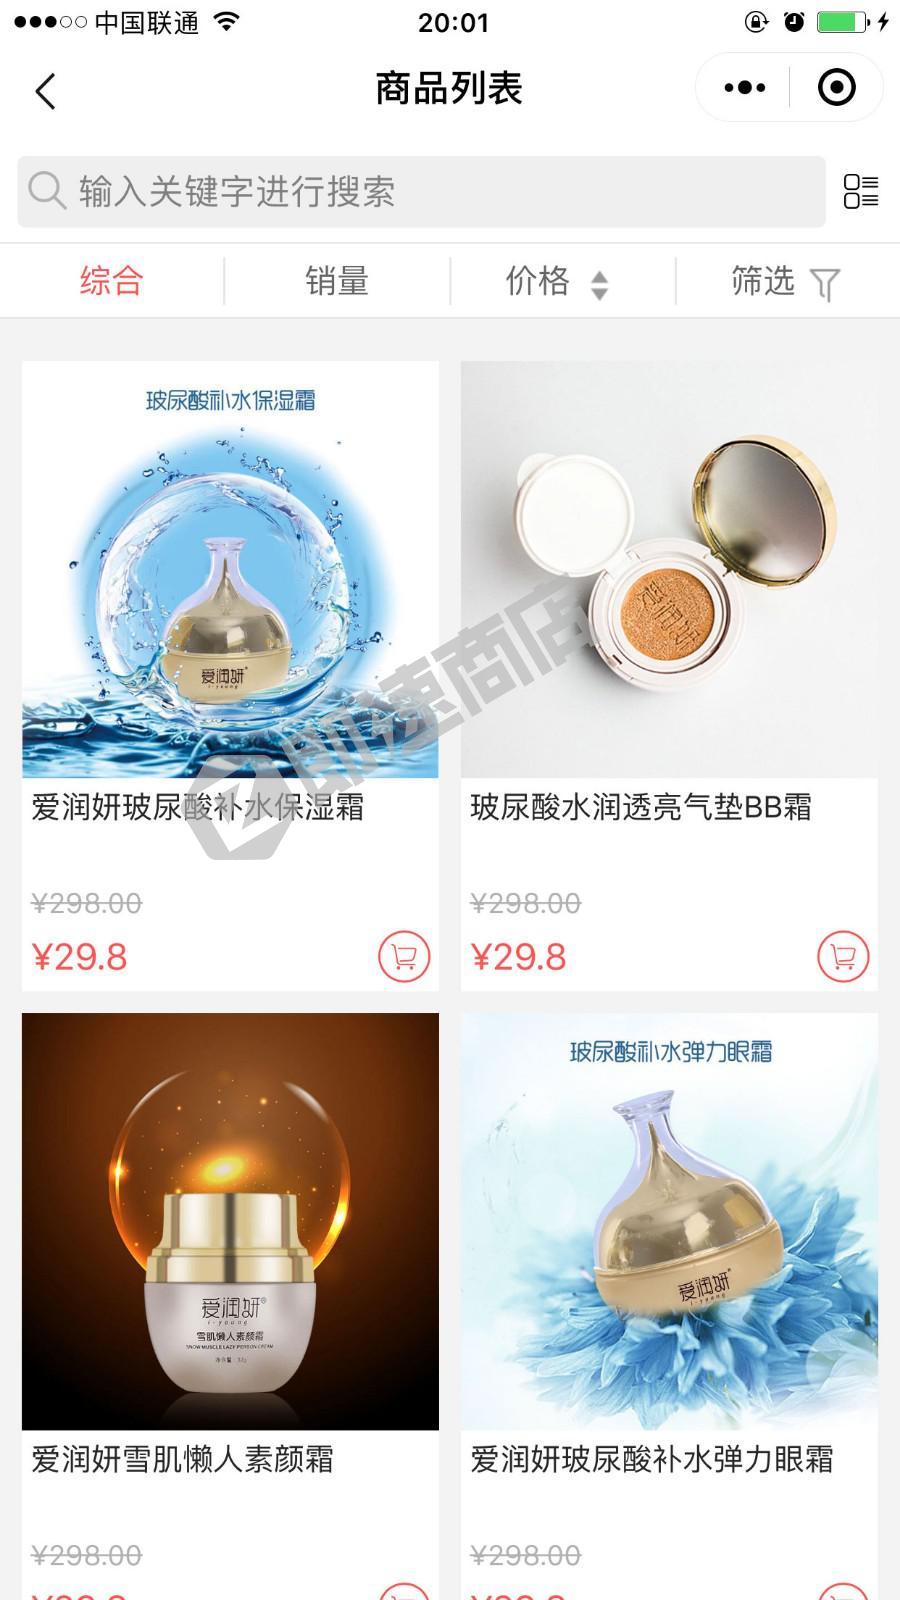 爱润妍小程序列表页截图